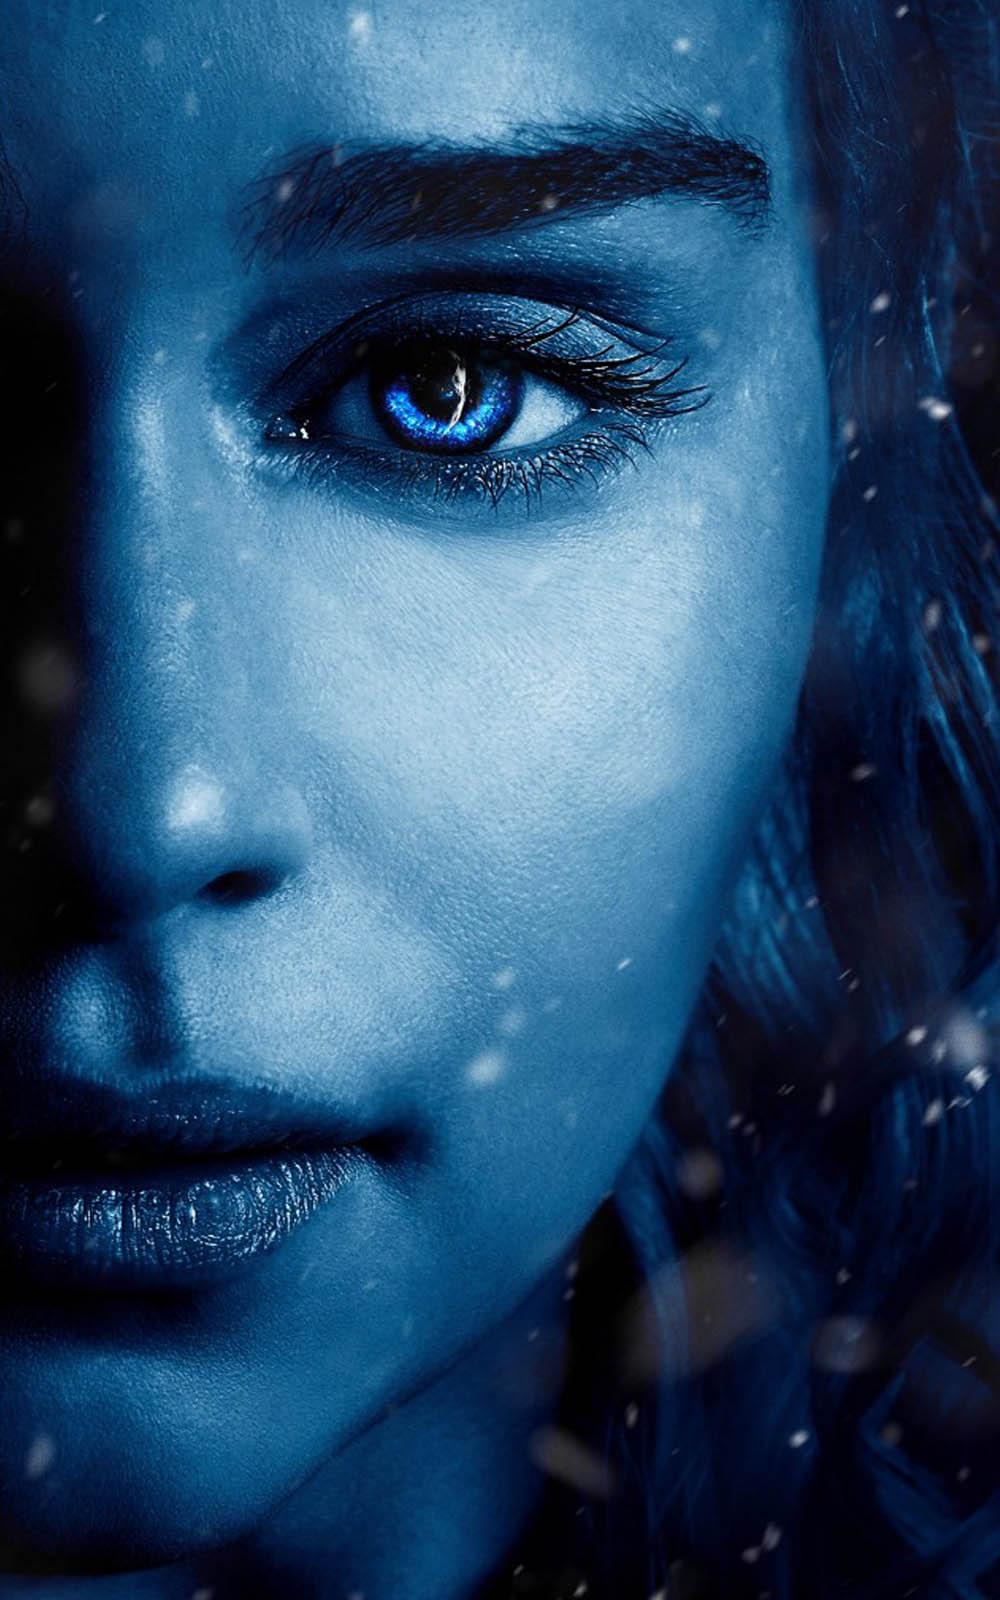 Daenerys Targaryen In Game Of Thrones Season 7 - Download ...